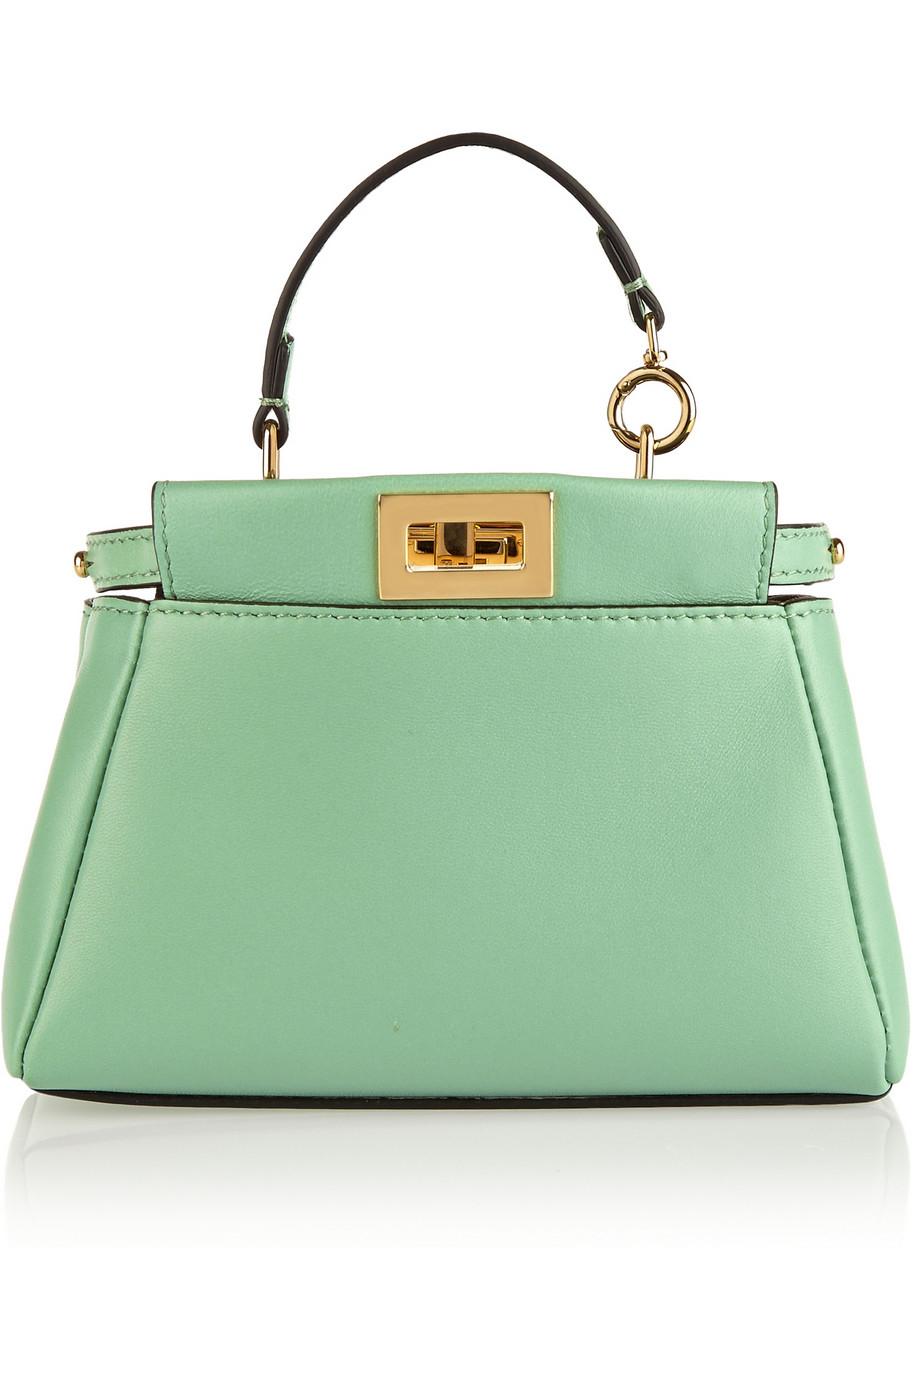 c08ea22e215a Lyst - Fendi Peekaboo Micro Leather Shoulder Bag in Green